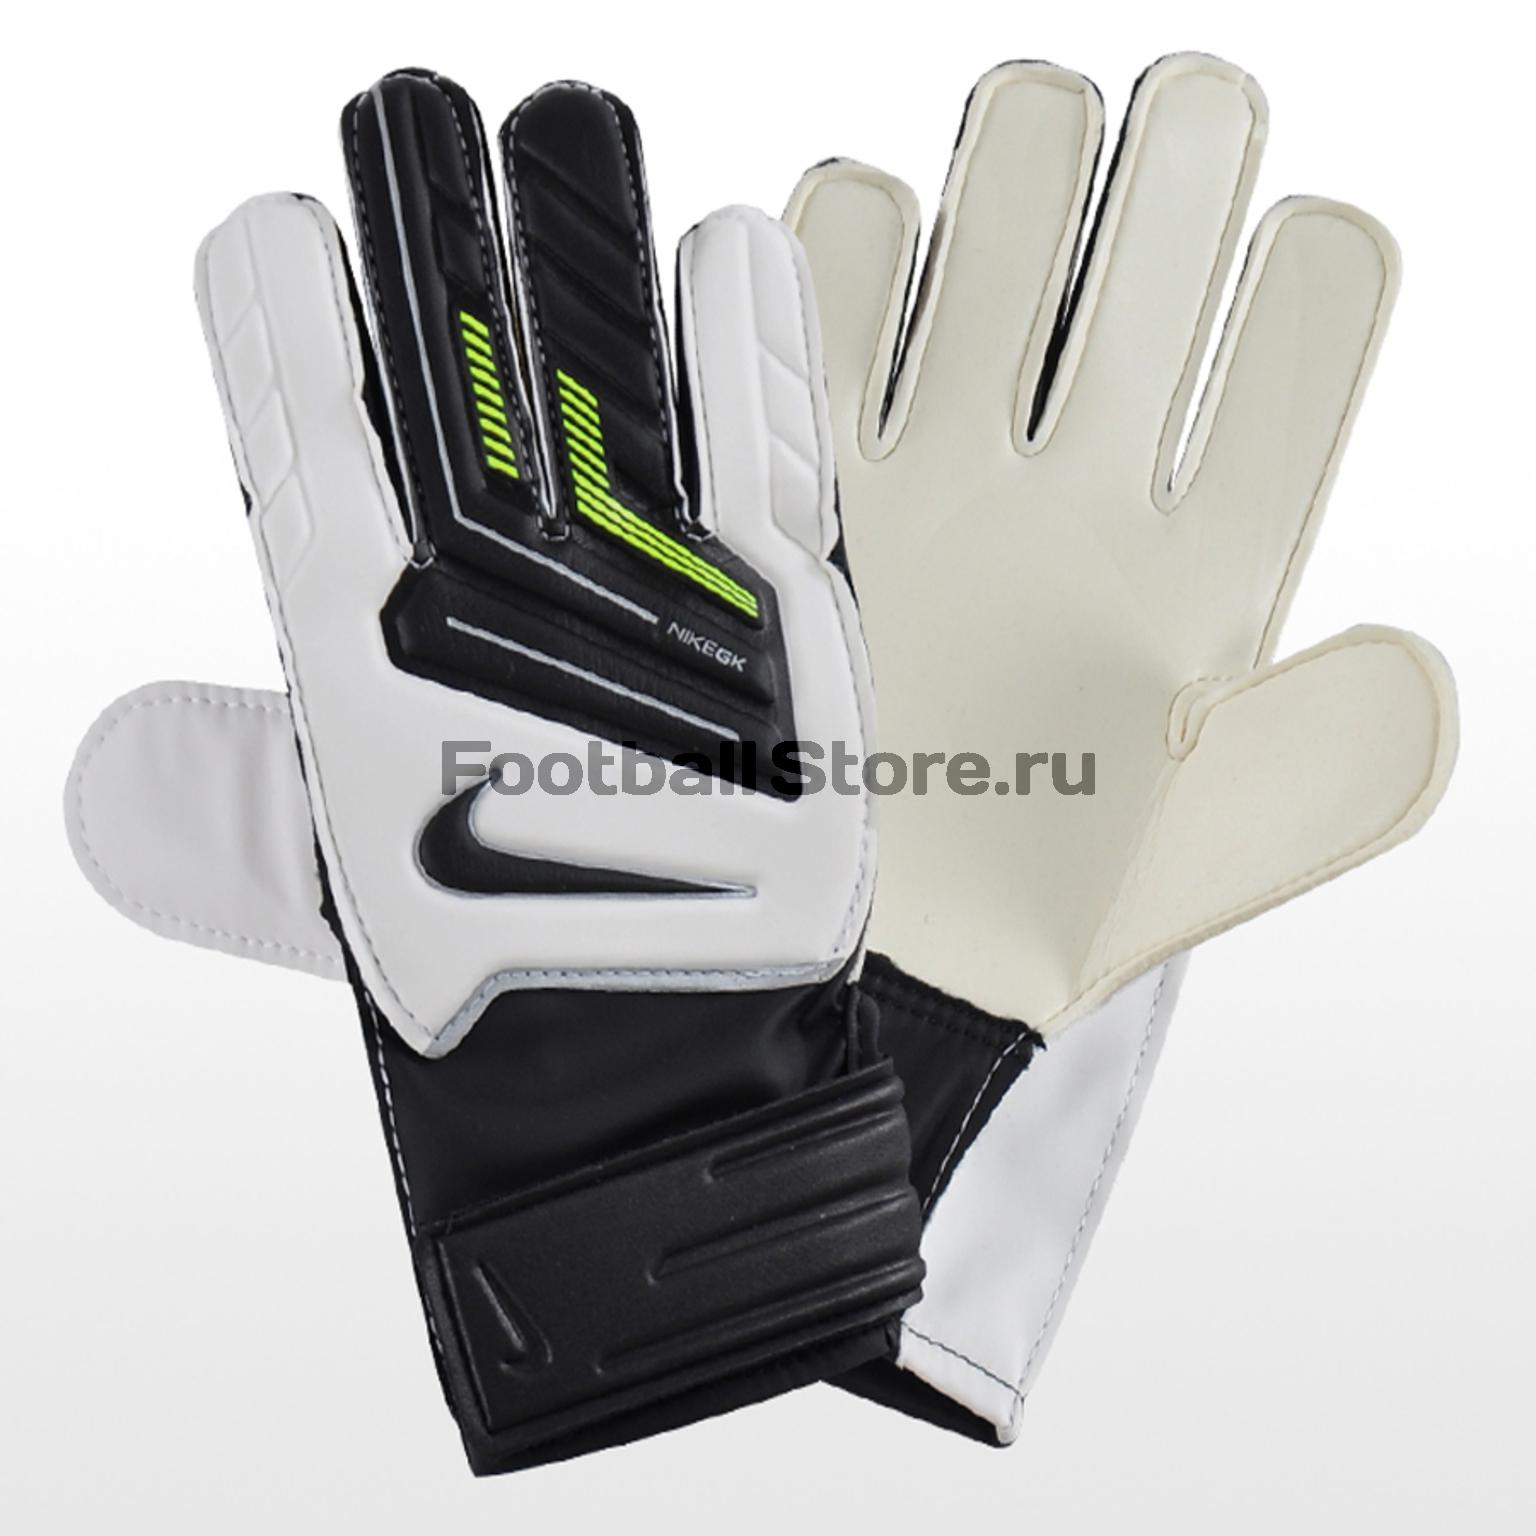 Вратарская экипировка Nike Вратарские перчатки Nike GK Grip JR GS0260-172